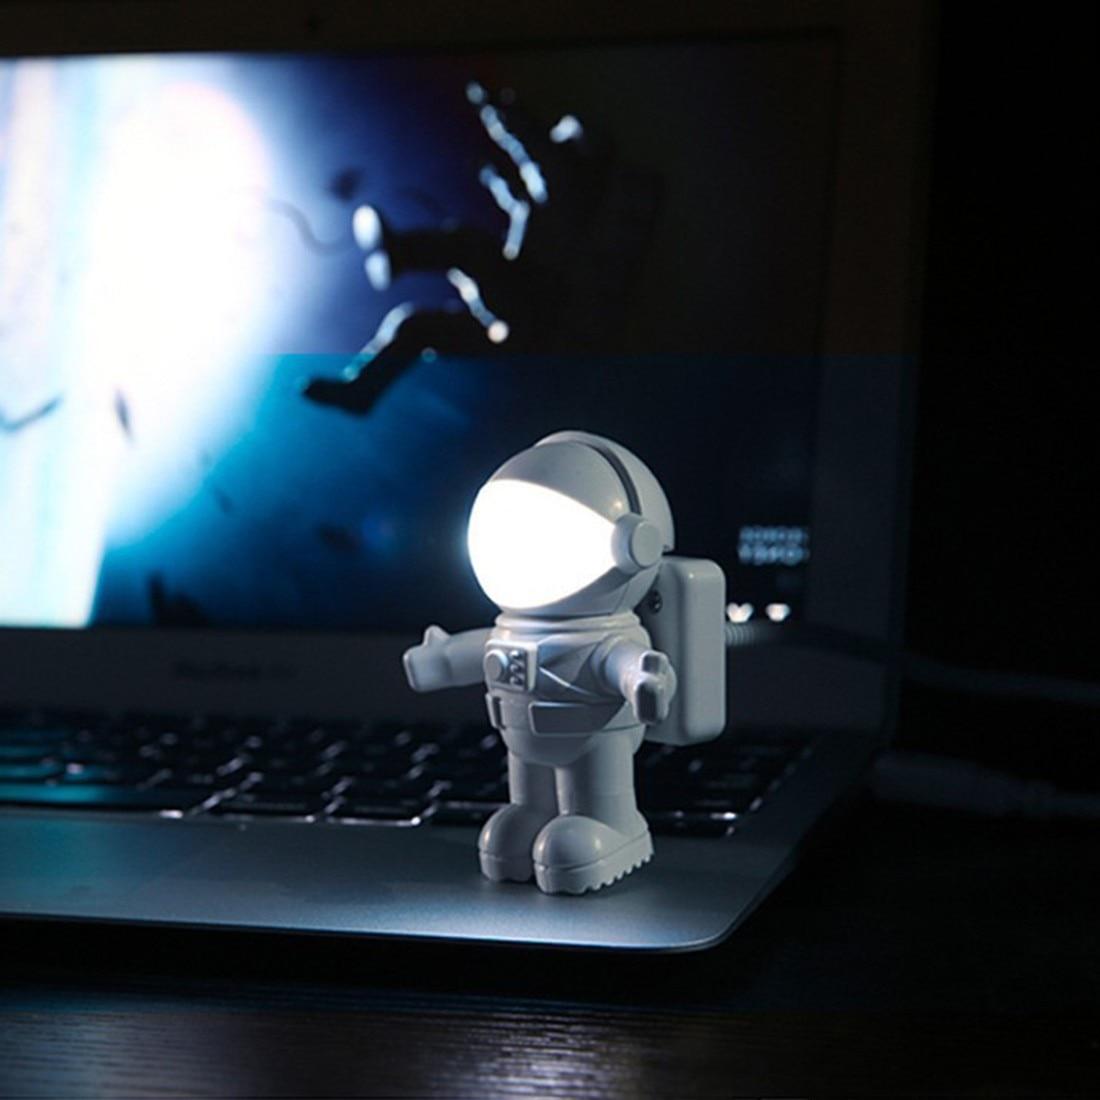 Flexible USB White Astronaut Tube Mini LED Night Light DC 5V Bulb For Laptop Notebook PC Reading Children Gift Home Decoration